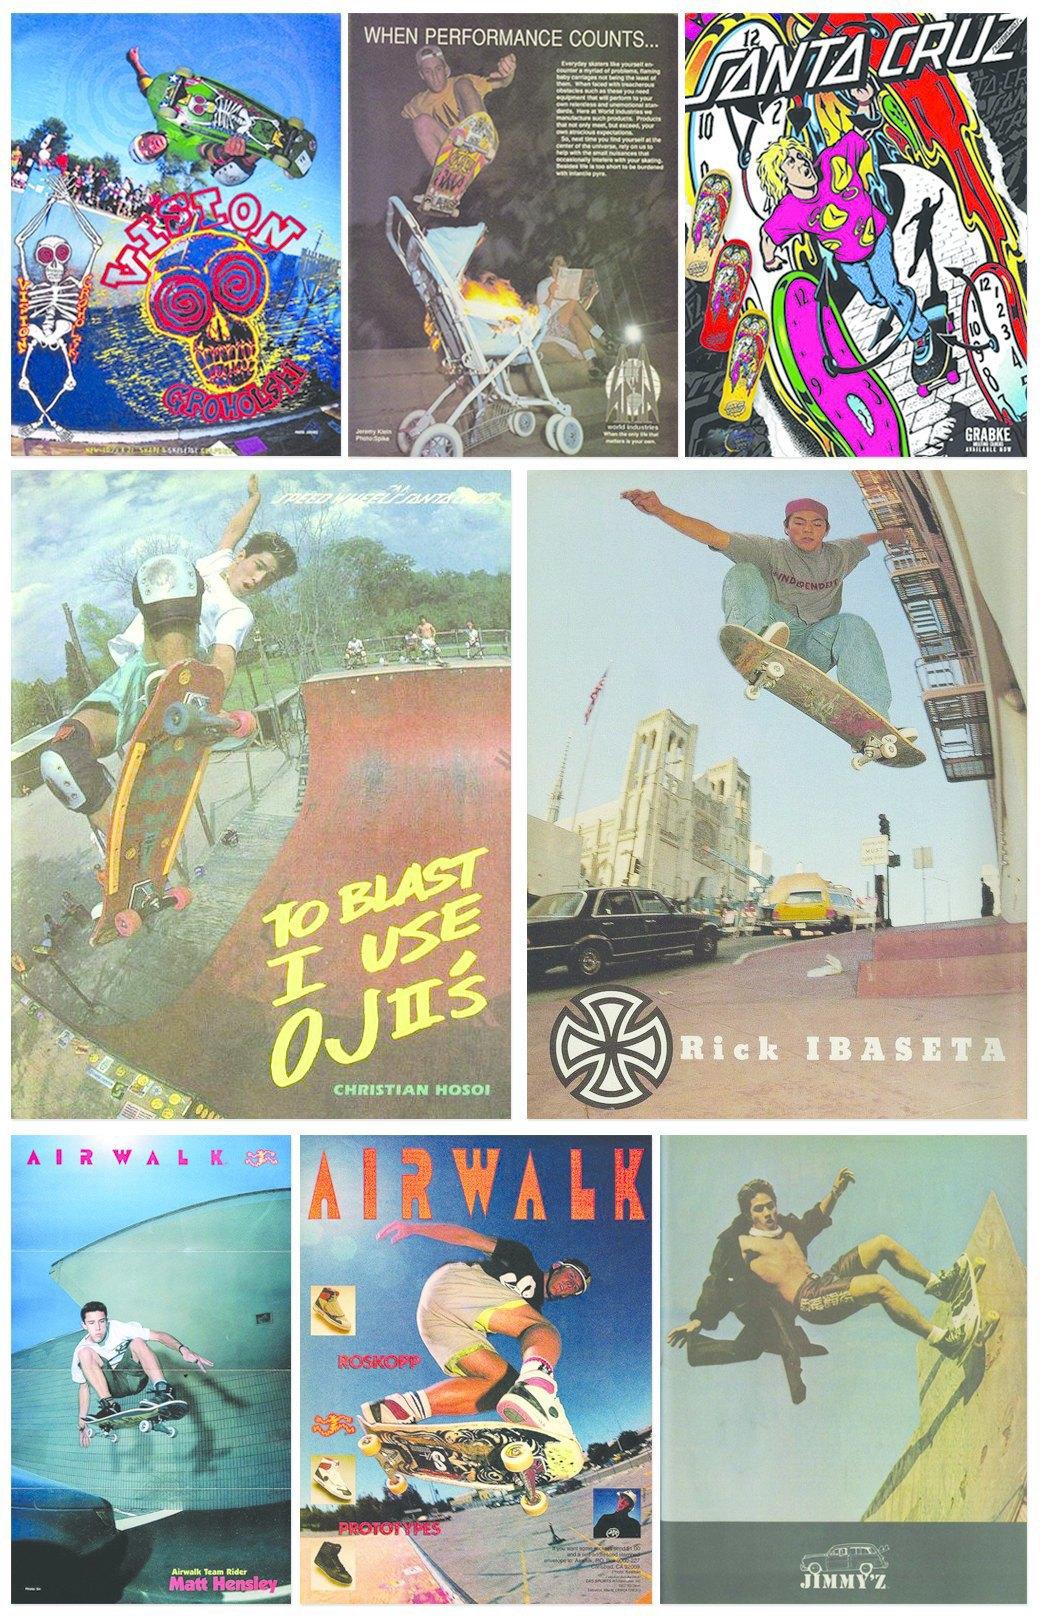 Old Skate Adverts: Залежи винтажных скейт-афиш в формате одного тумблера. Изображение № 1.